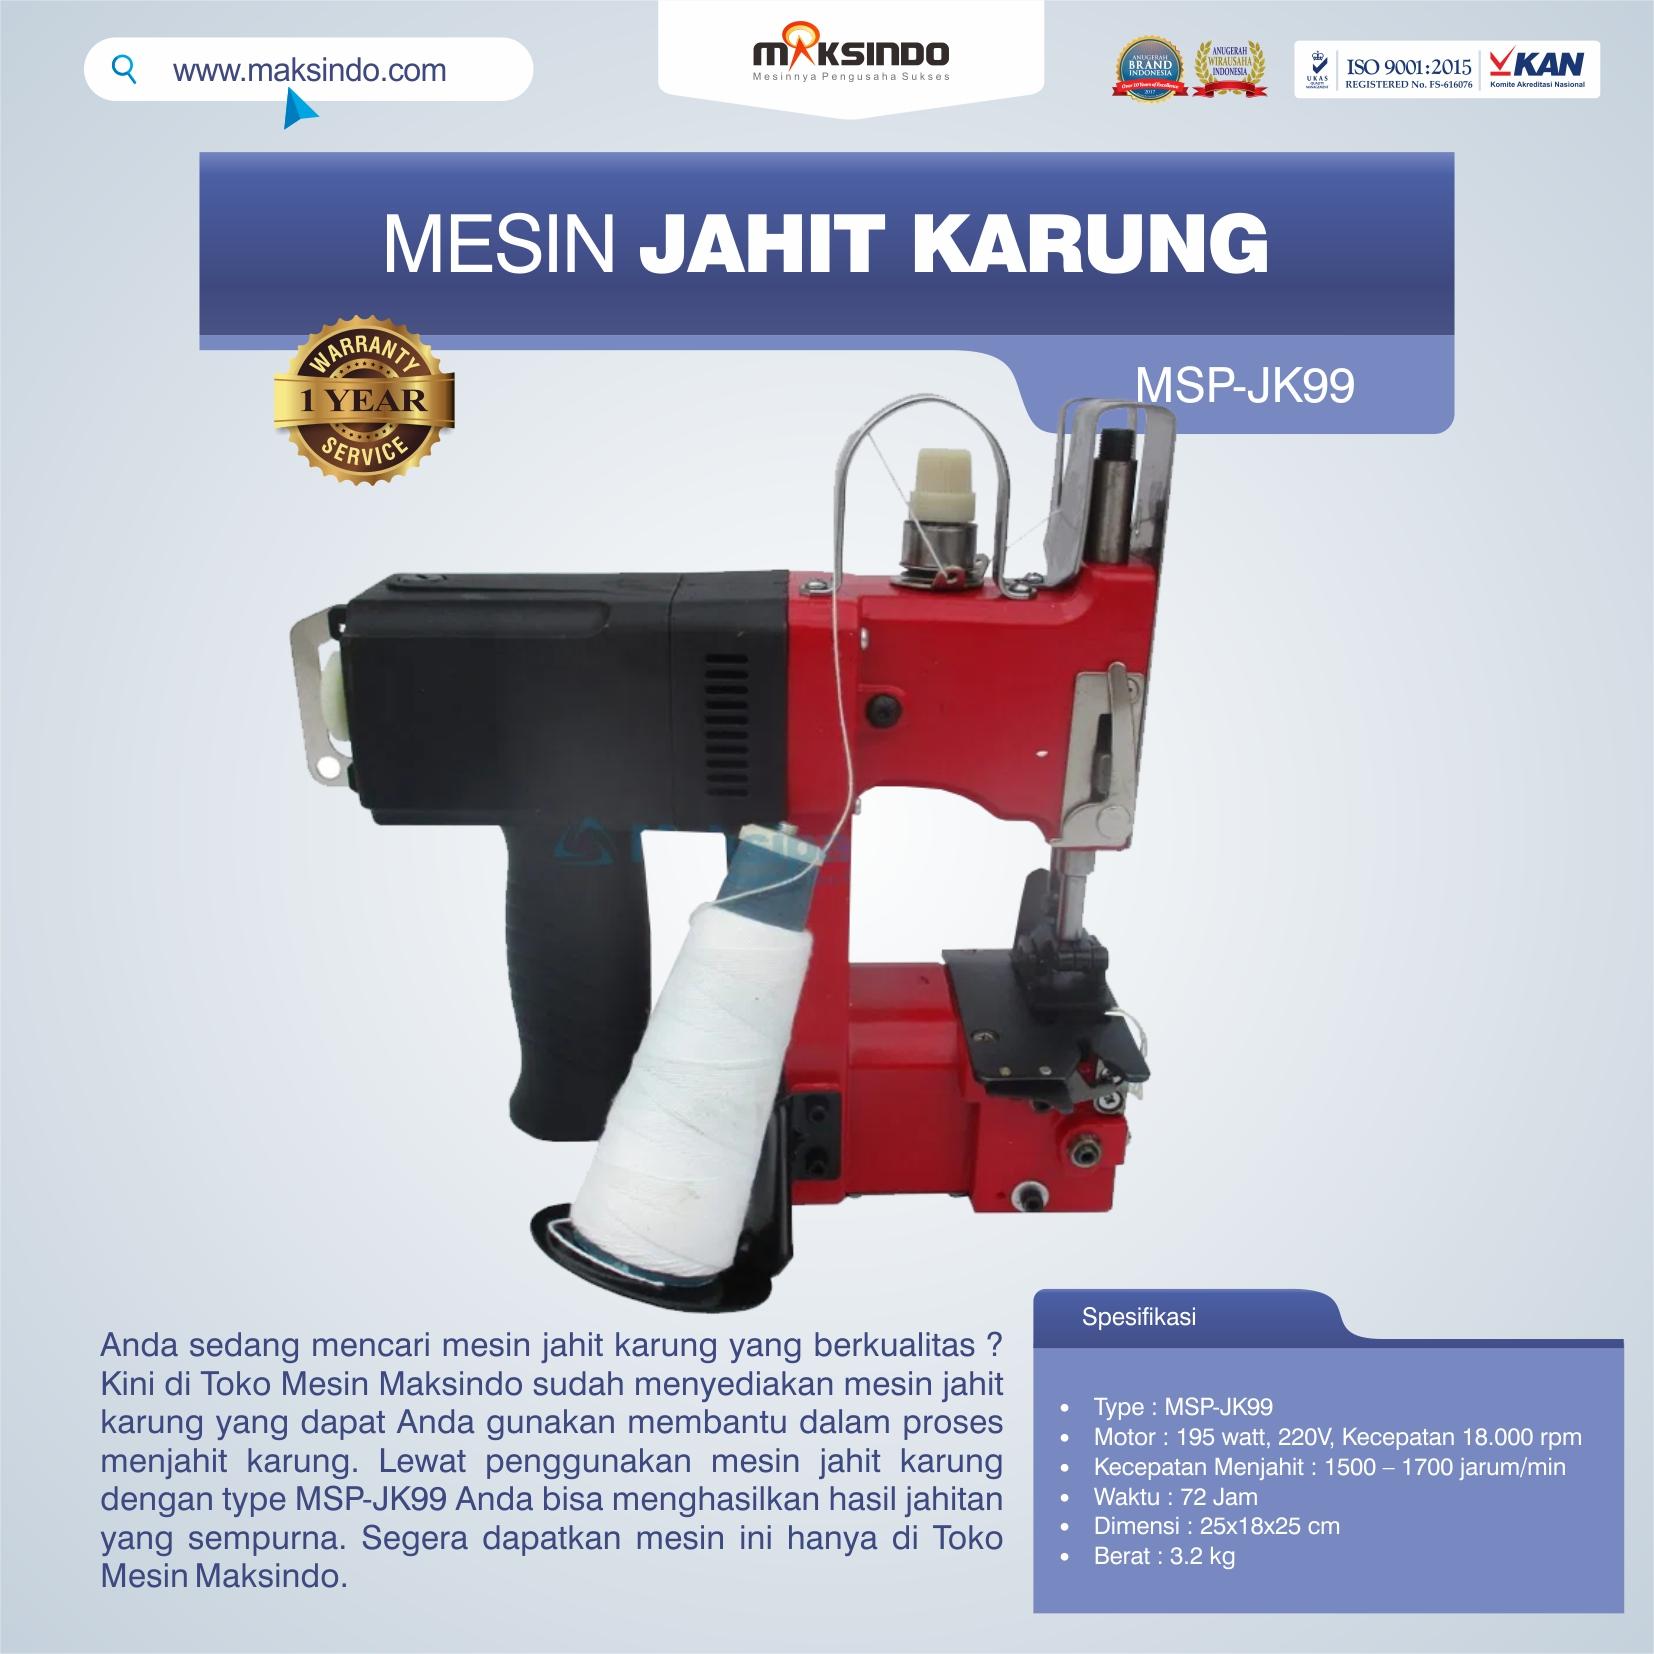 Jual Mesin Jahit Karung MSP-JK99 di Pekanbaru